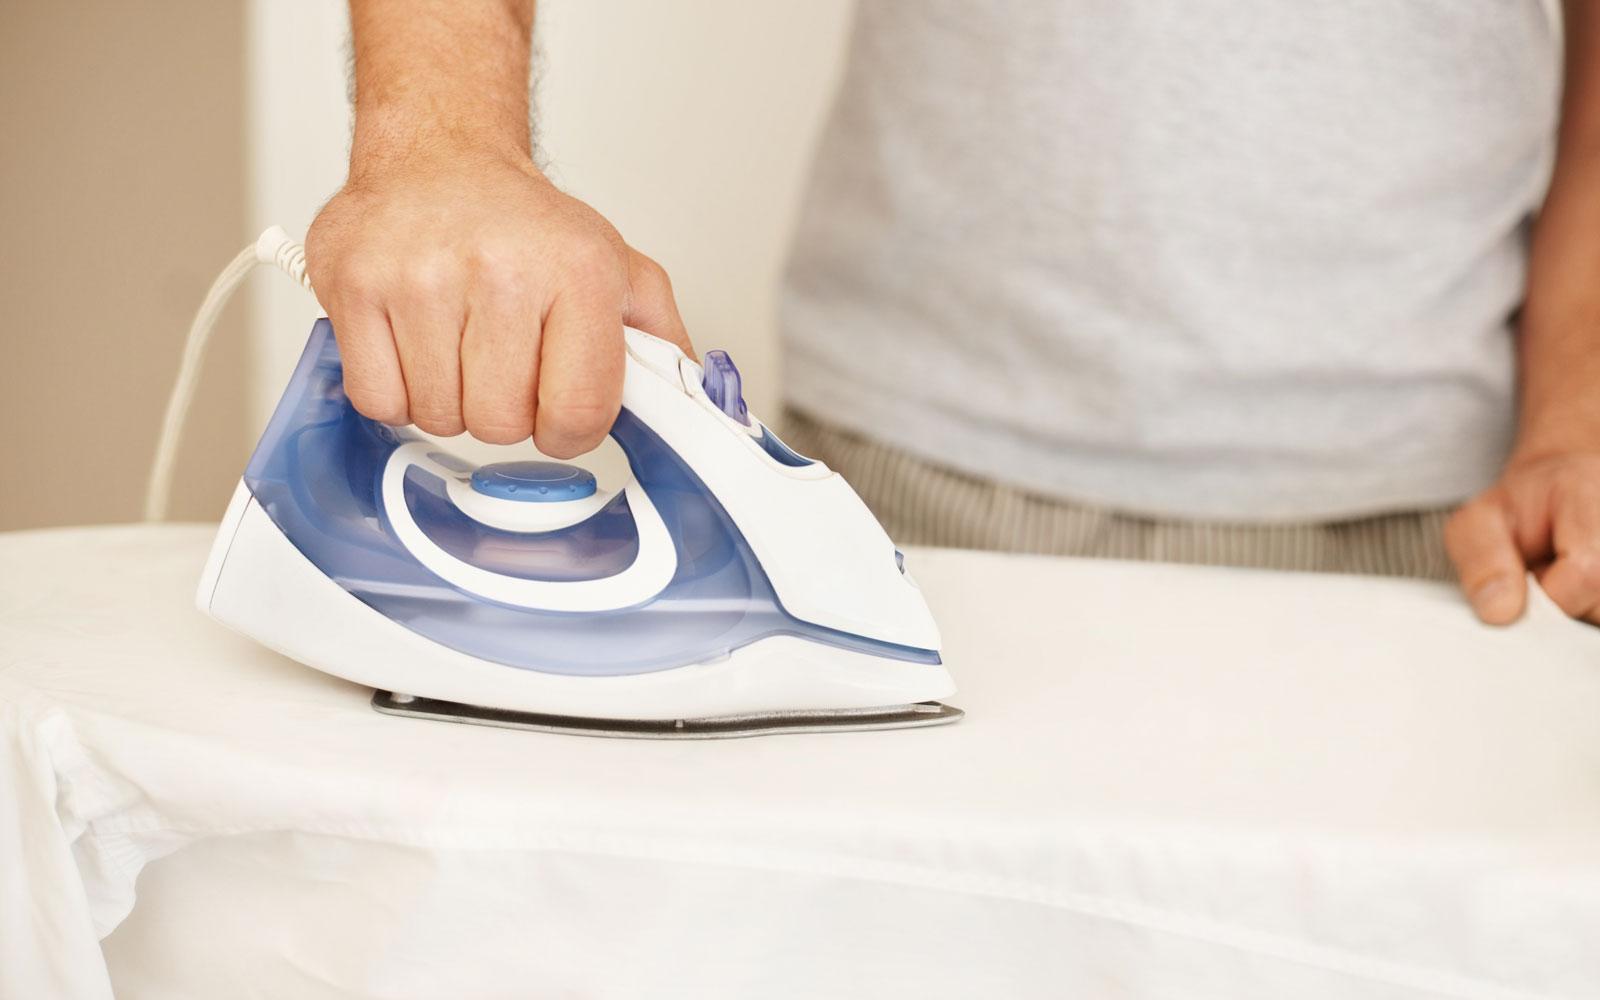 cómo lavar ropa de algodón